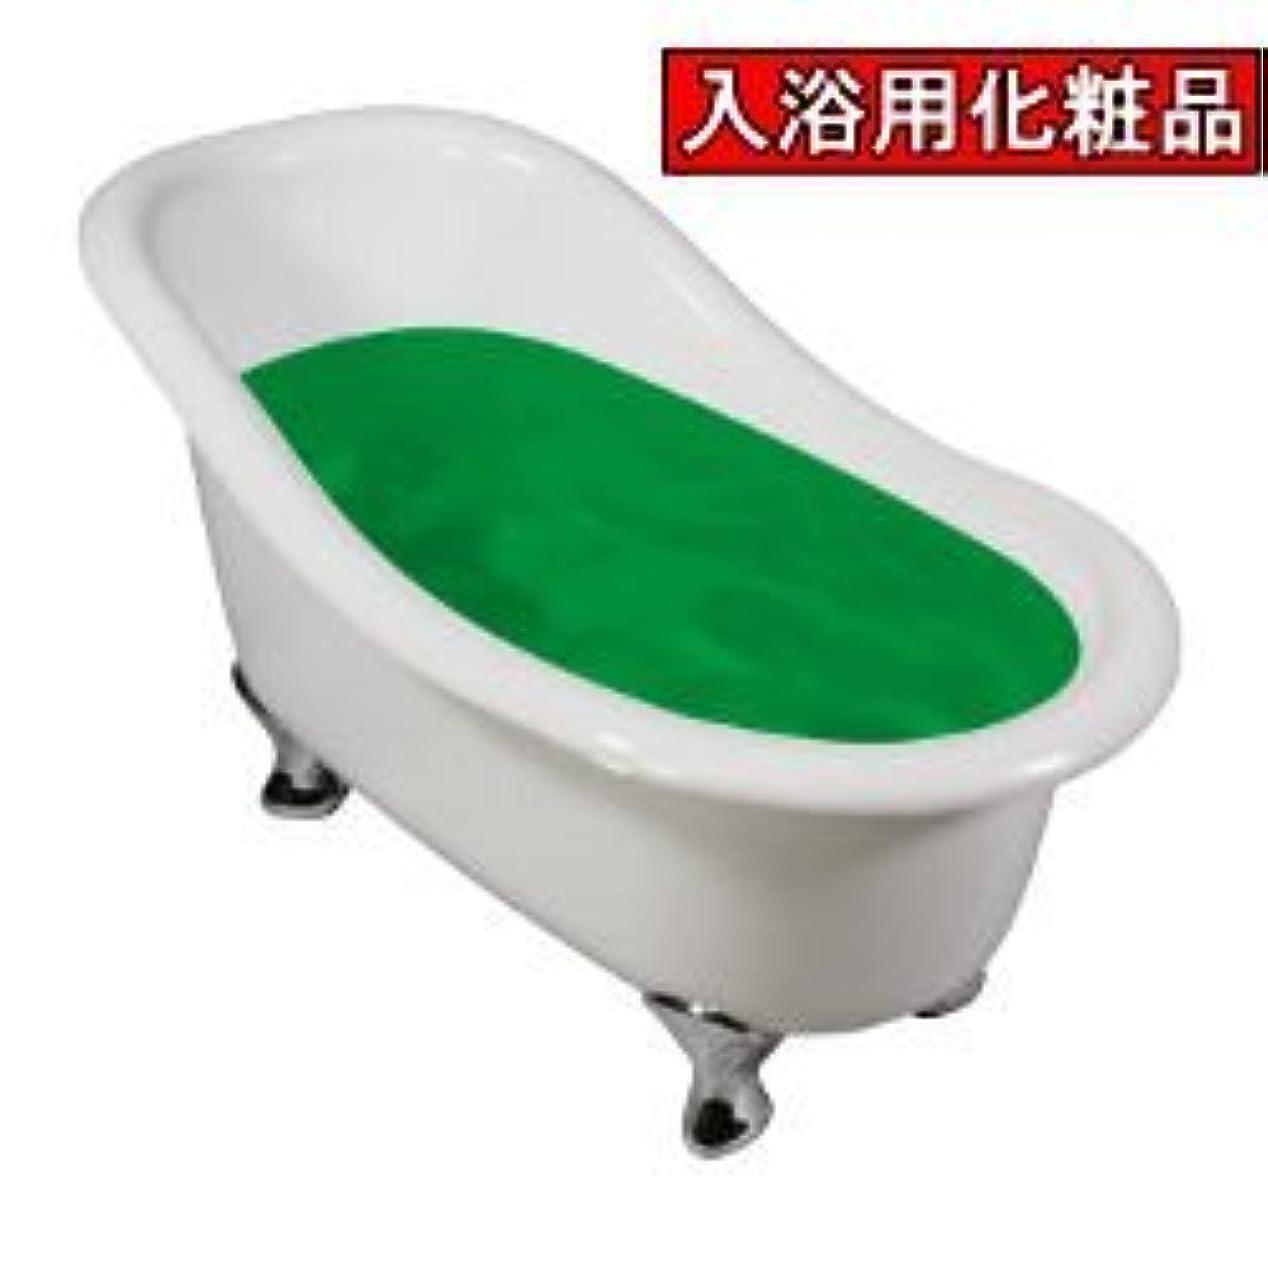 リングレット思想司令官業務用入浴剤イヴタス 緑茶 17kg 業務用サイズ